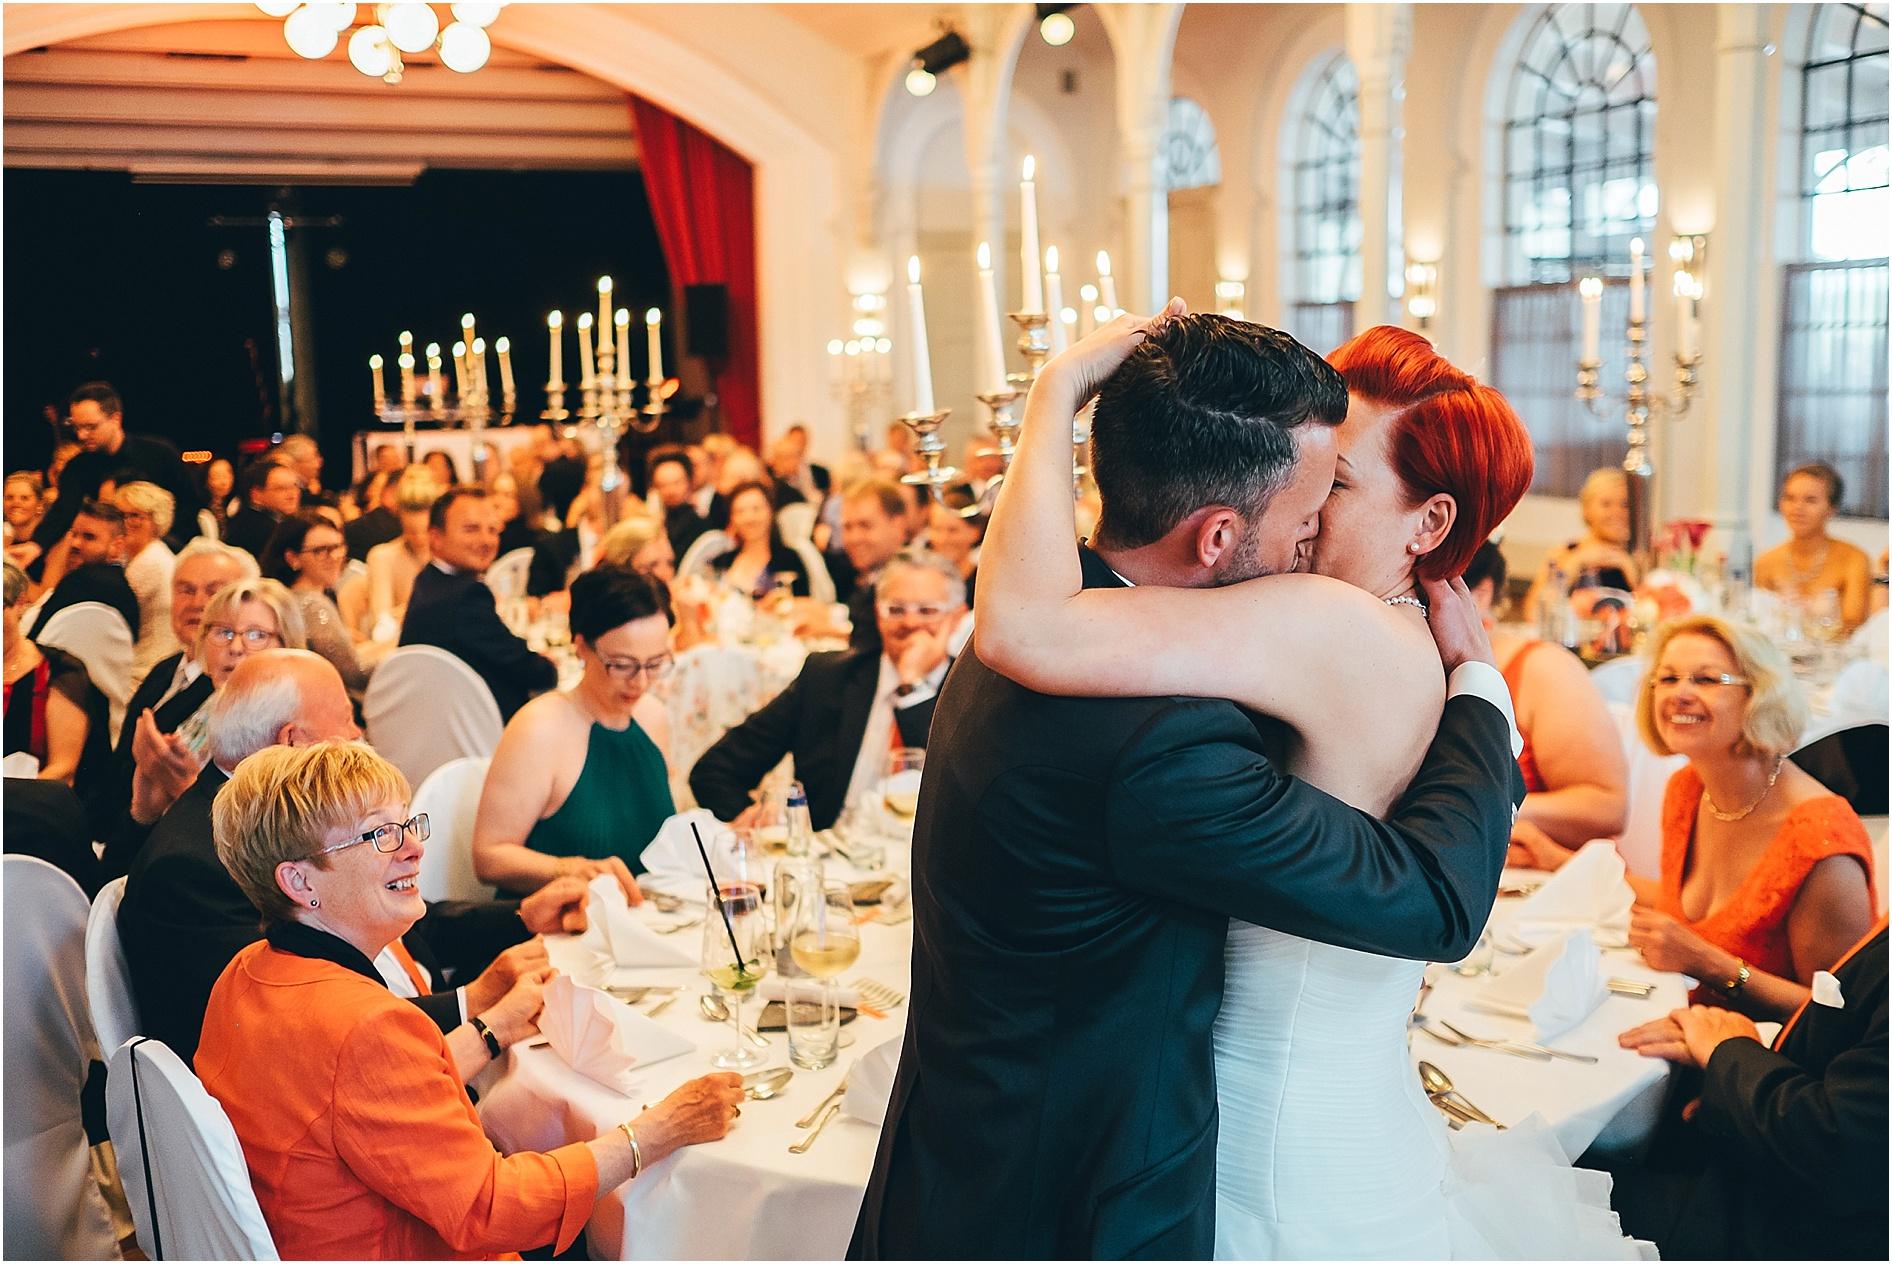 2015-10-27_0095 Tine & Chrischan - Hochzeitsfilm & Fotos in Lüneburg